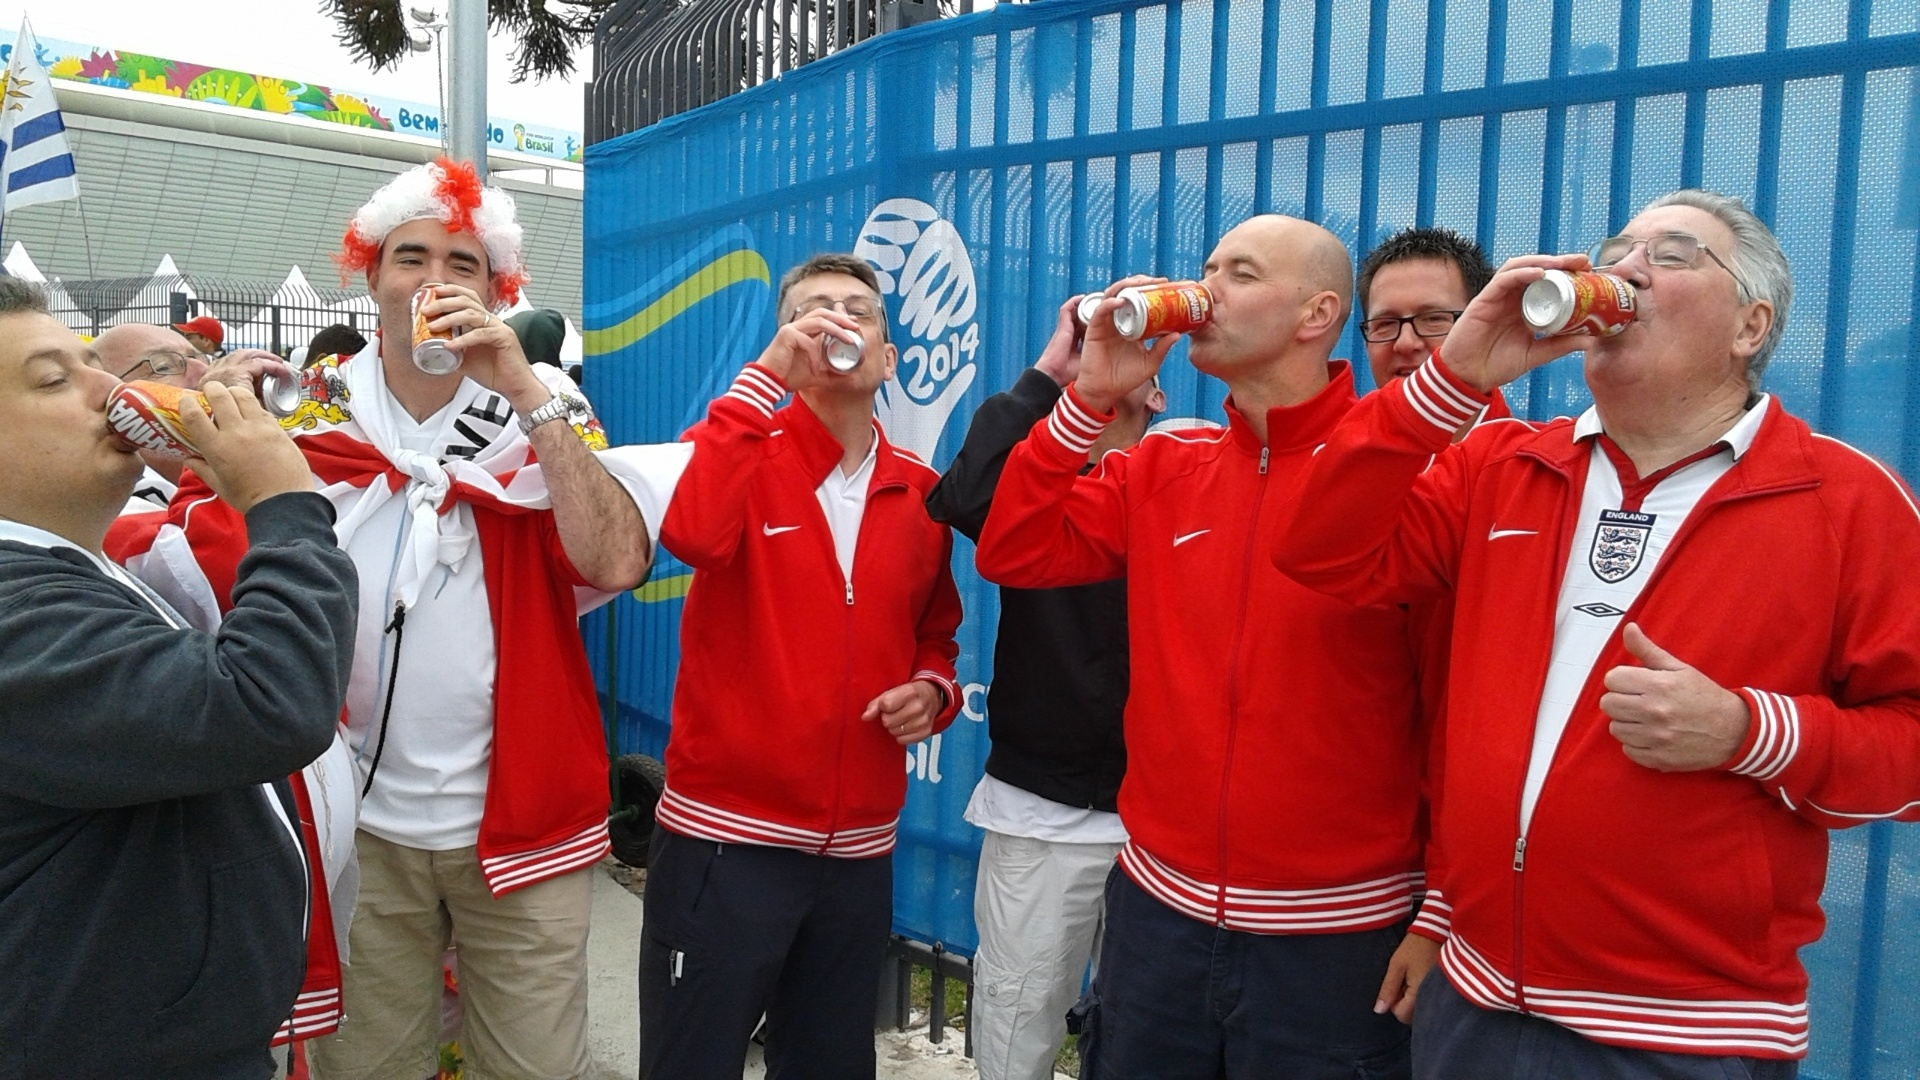 19.jun.2014 - Ingleses bebem cerveja na entrada do estádio, apesar do frio que faz em São Paulo nesta quinta-feira